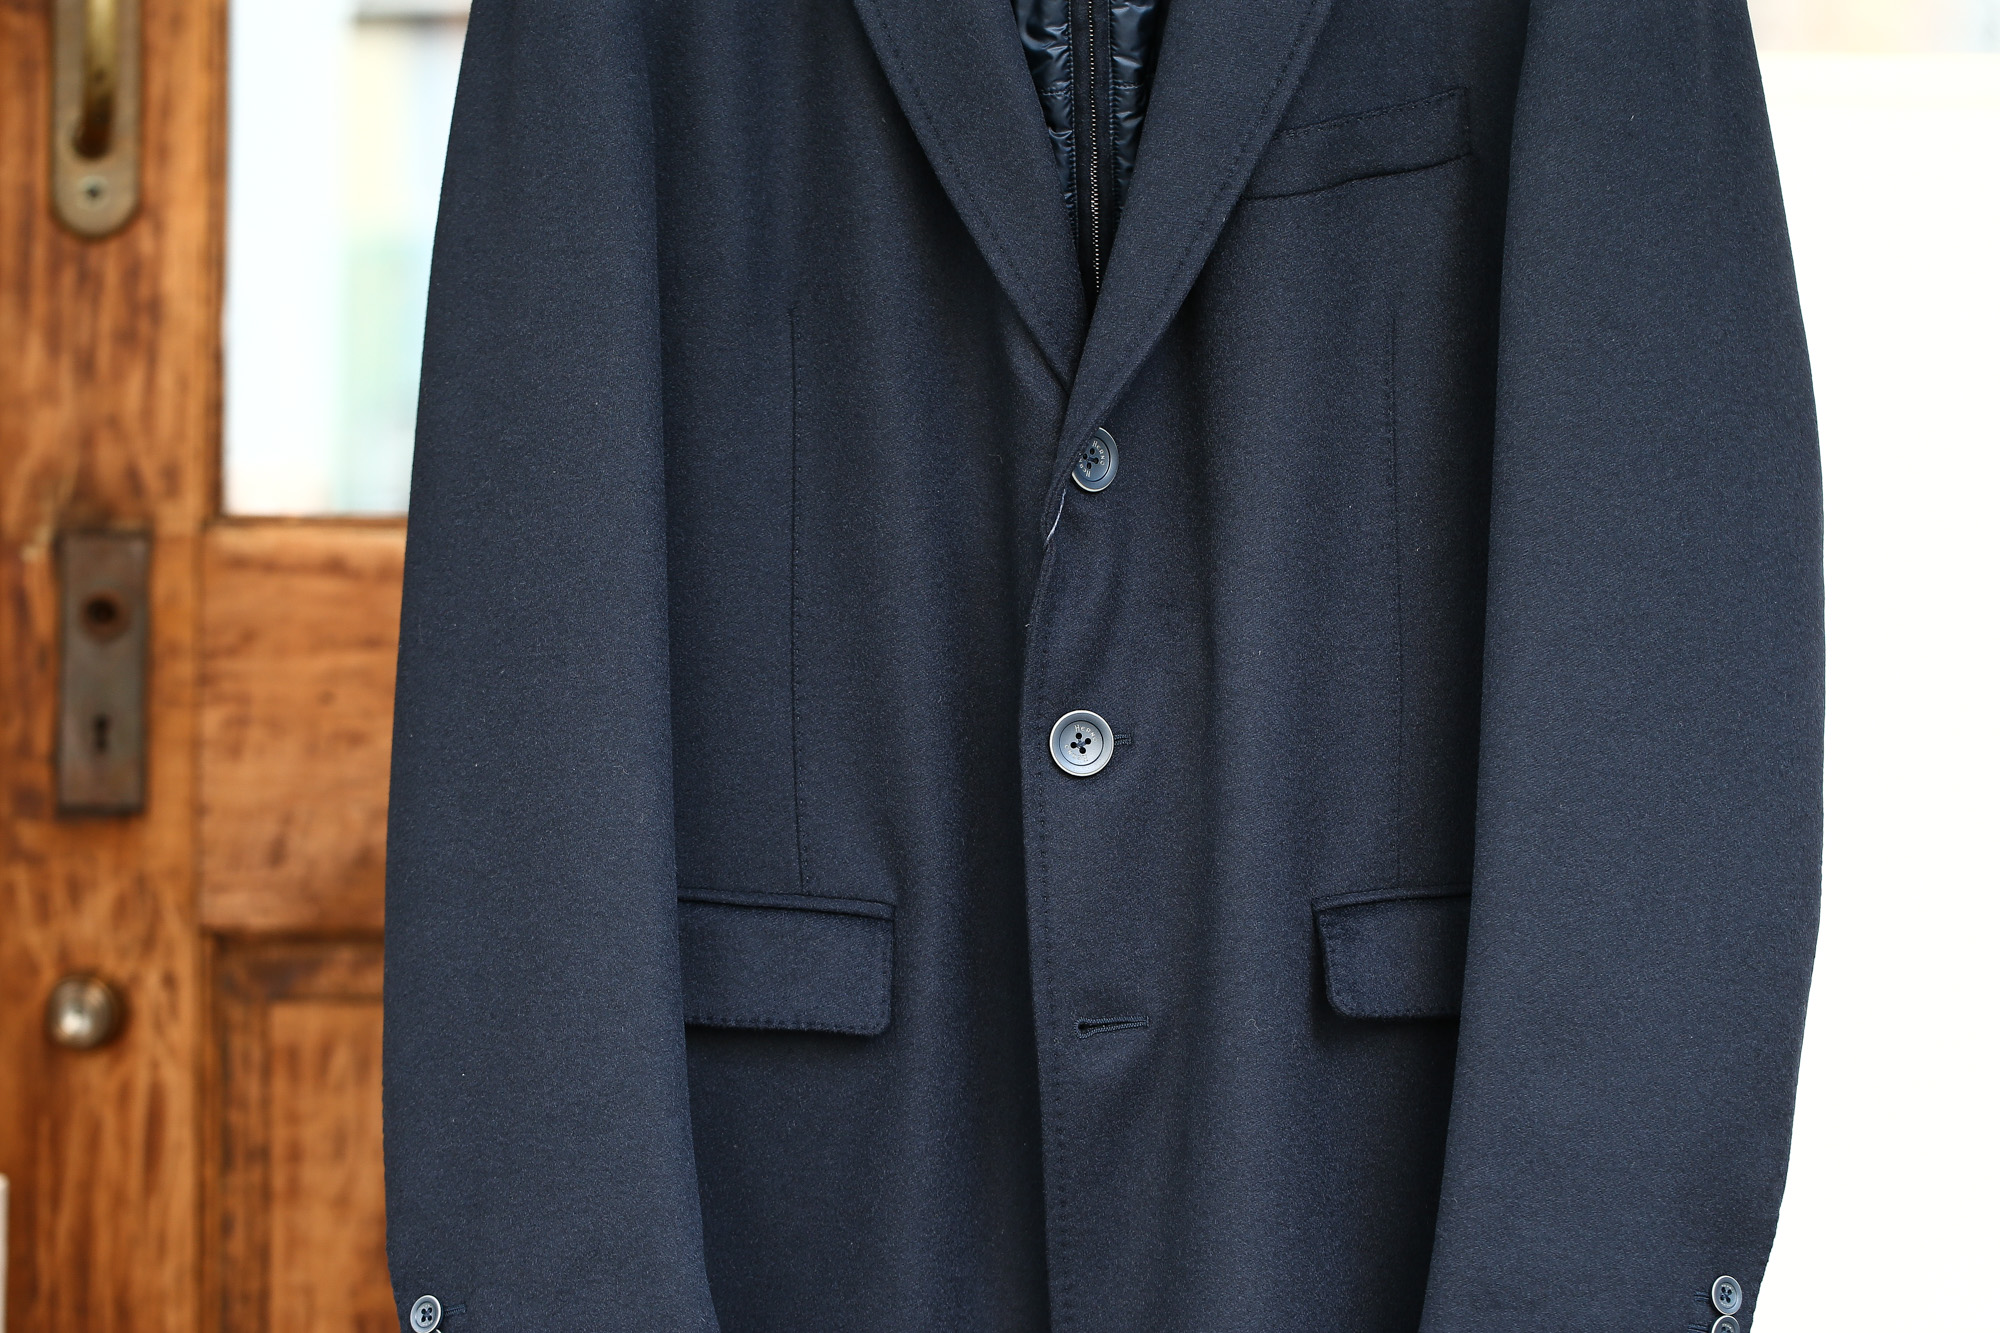 HERNO(ヘルノ) CA0058U Cashmere Chester coat カシミア チェスターコート PIACENZA ピアツェンツァ CASHMERE DROPGLIDE NYLON ULTRALIGHT 中綿入り カシミア チェスターコート NAVY (ネイビー・9200) Made in italy (イタリア製) 2017 秋冬新作 愛知 名古屋 Alto e Diritto アルト エ デリット herno ヘルノ ダウンコート ビジネススタイル